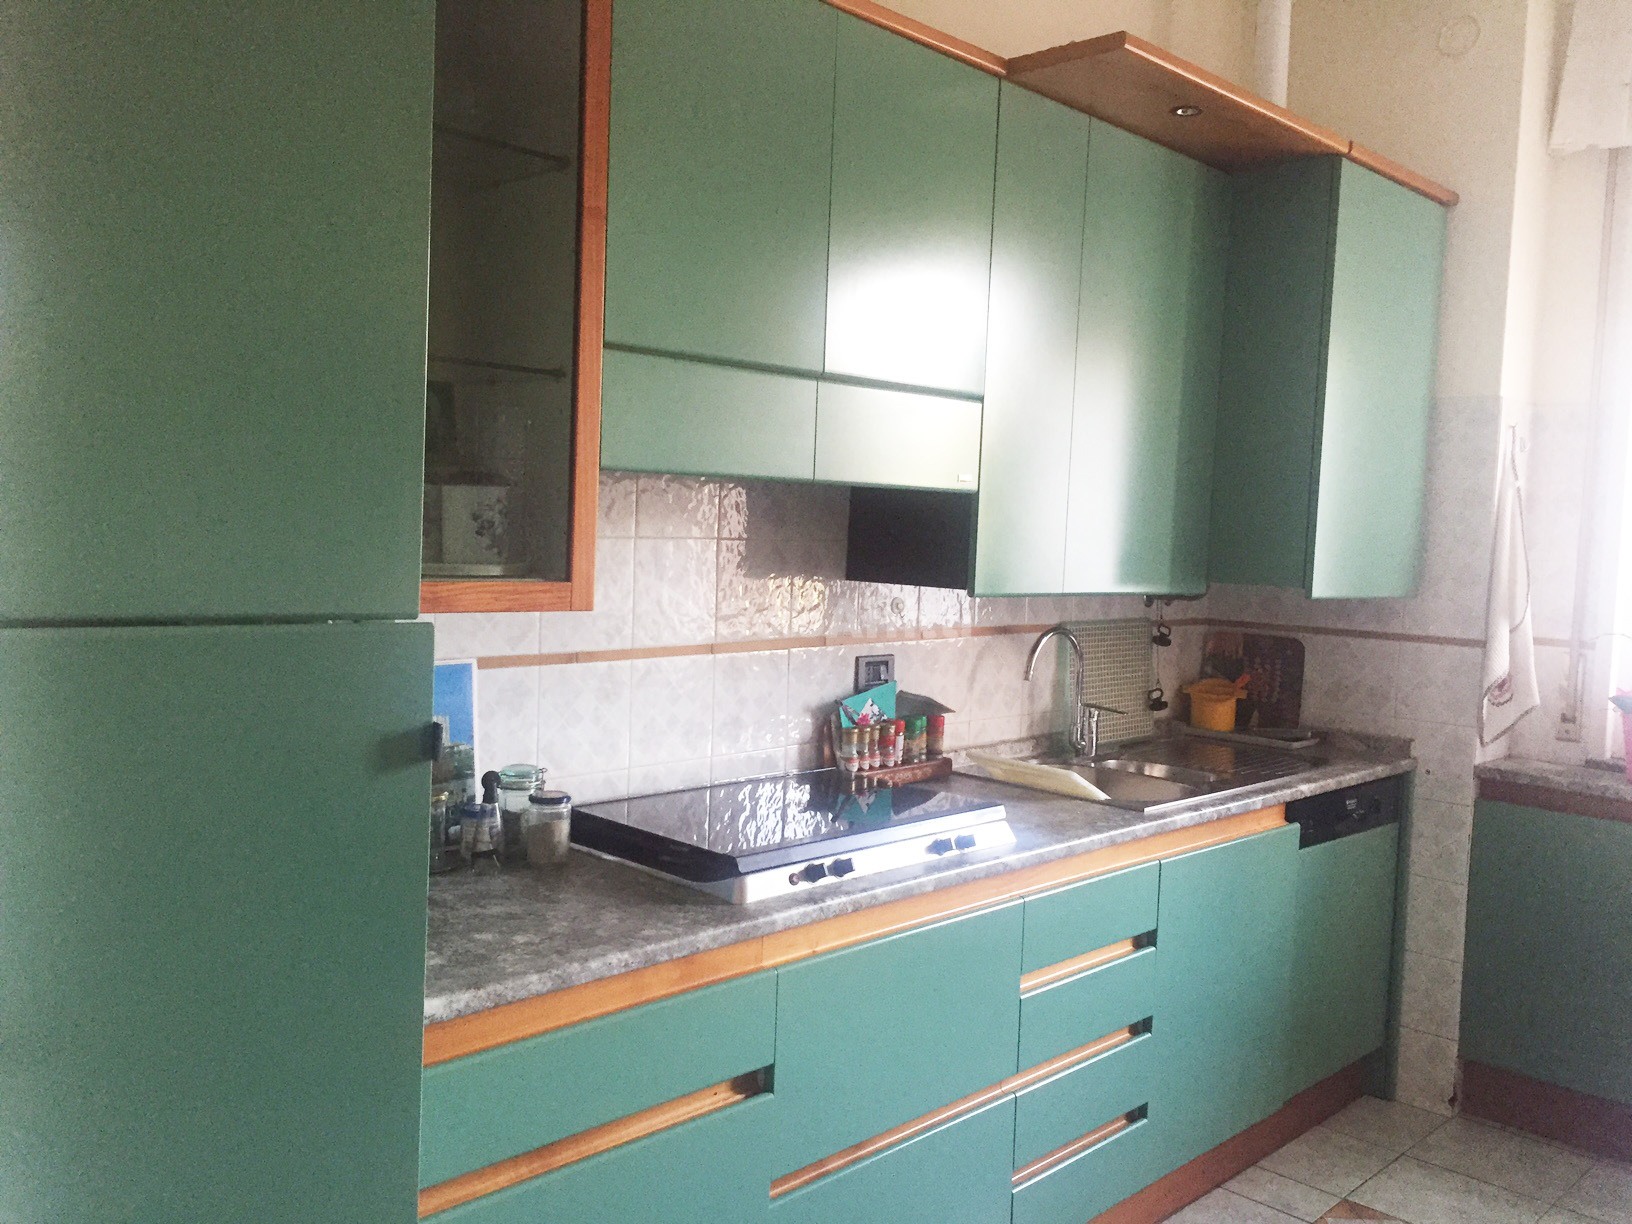 SoloAffittiParma1,tre camere per studenti zona cam